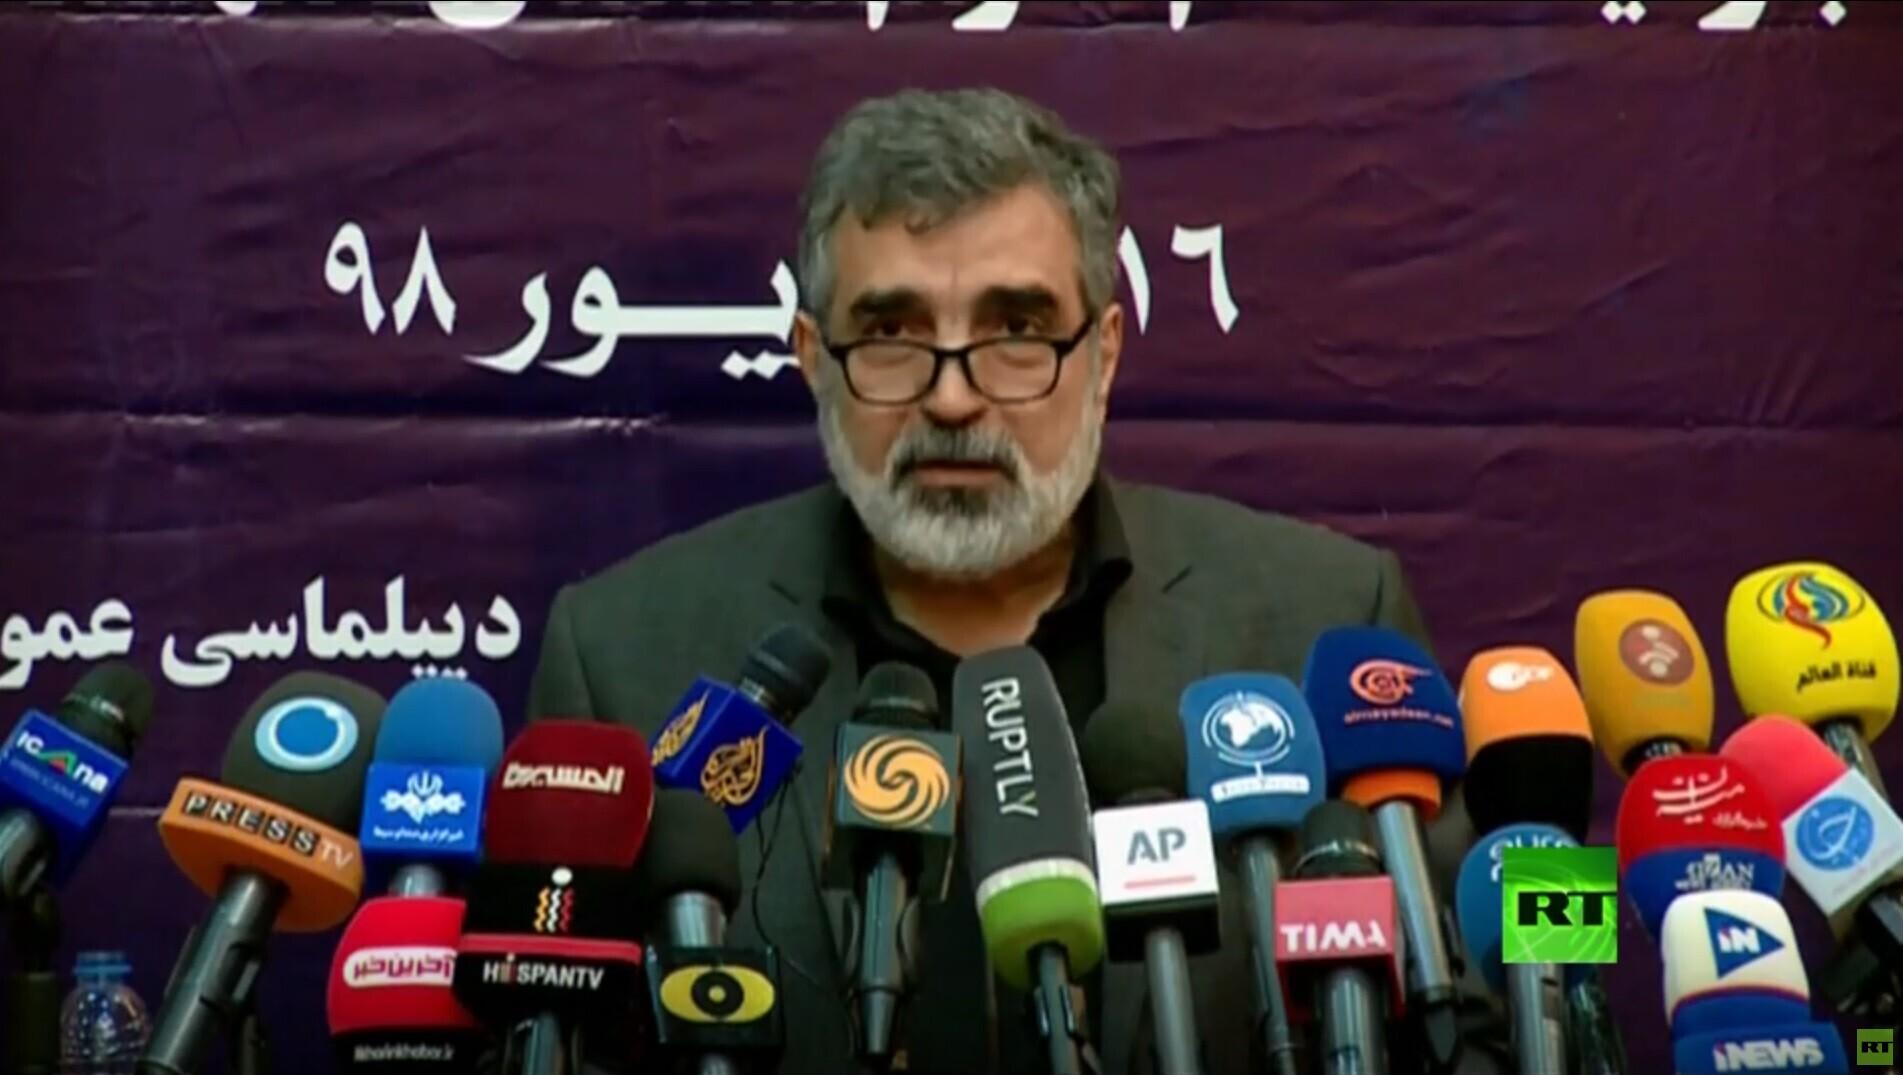 برلين قلقة من تصرفات طهران: لا نعتمد على التصريحات وإنما على الحقائق